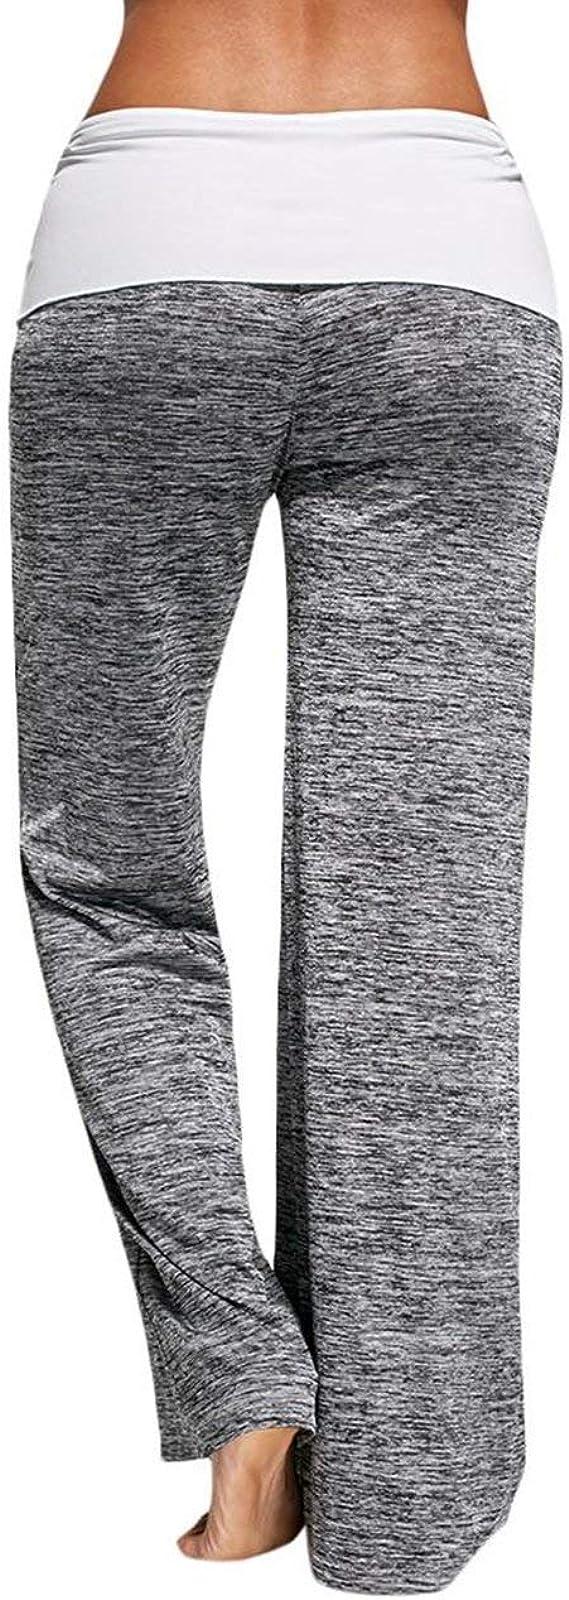 TNNZEET Damen Schlafanzughose Lang Pyjamahosen Mit Taschen Breites Bein Kordelzug Soft Nachtw/äsche Hose Jogginghose Blickdicht Sporthose Yoga Hose Freizeithose